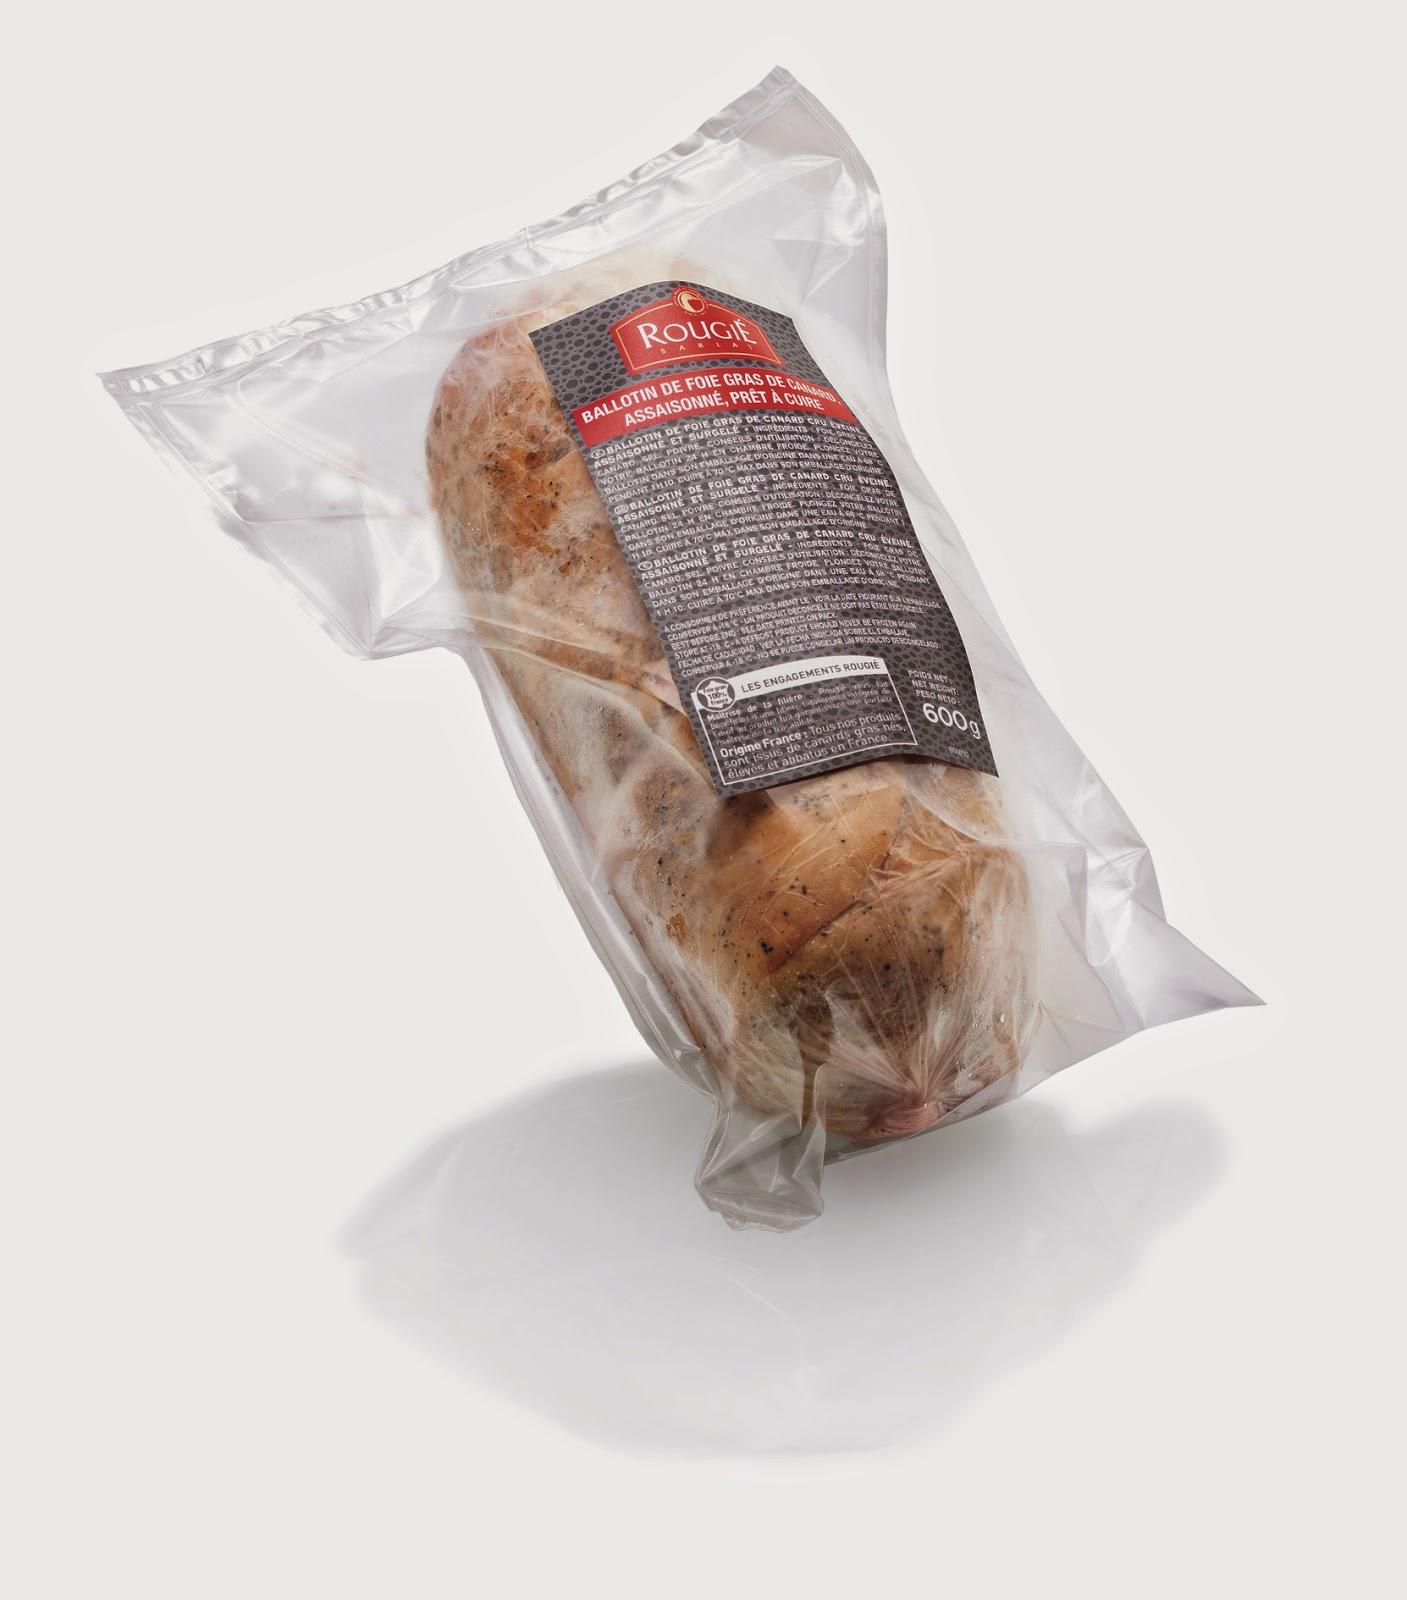 Cocinar Foie | Rougie Espana Rulo De Foie Gras De Pato Listo Para Cocinar